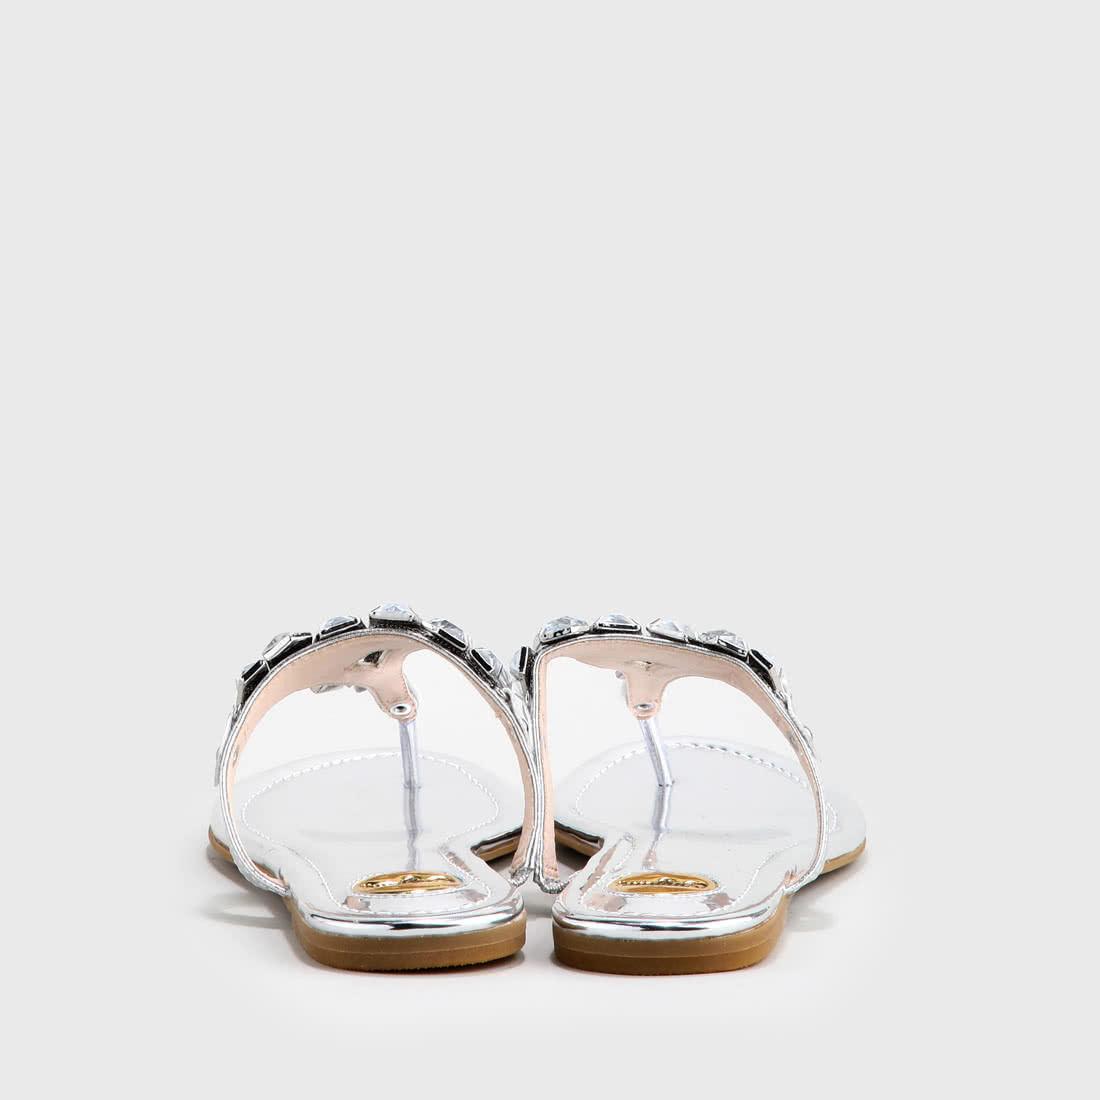 Edina Sandale Lederoptik silber online kaufen  BUFFALO